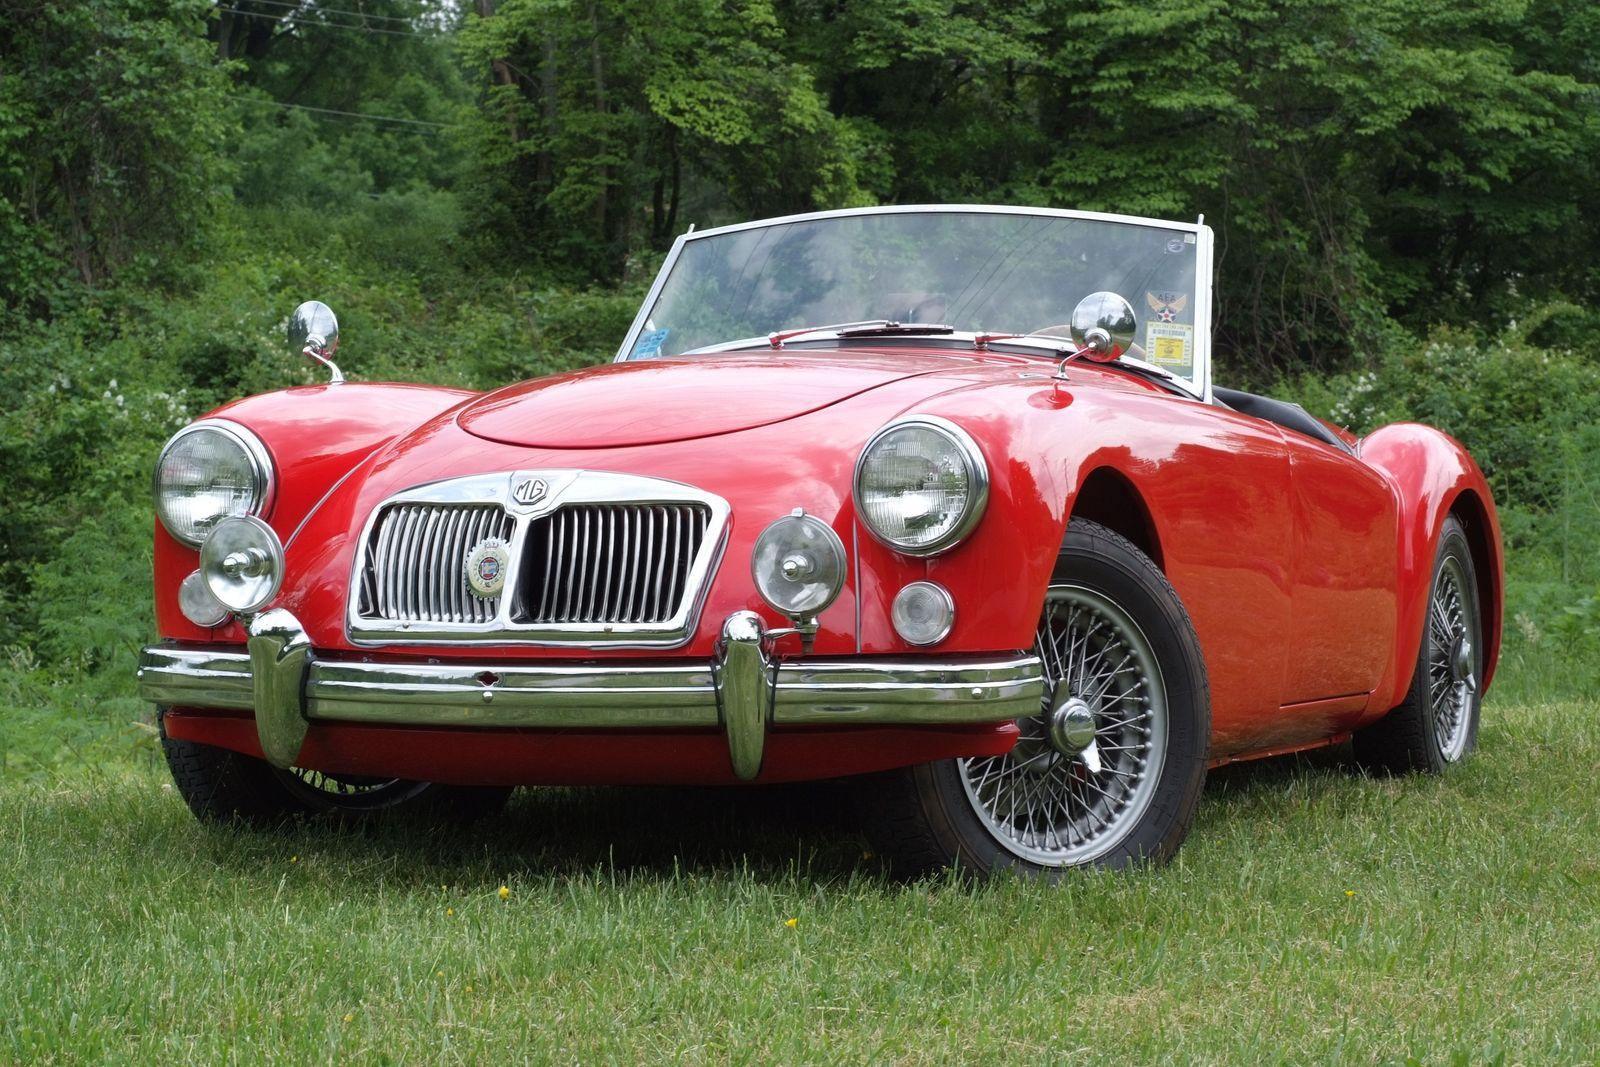 1961 Mg A Jmc Autoworx